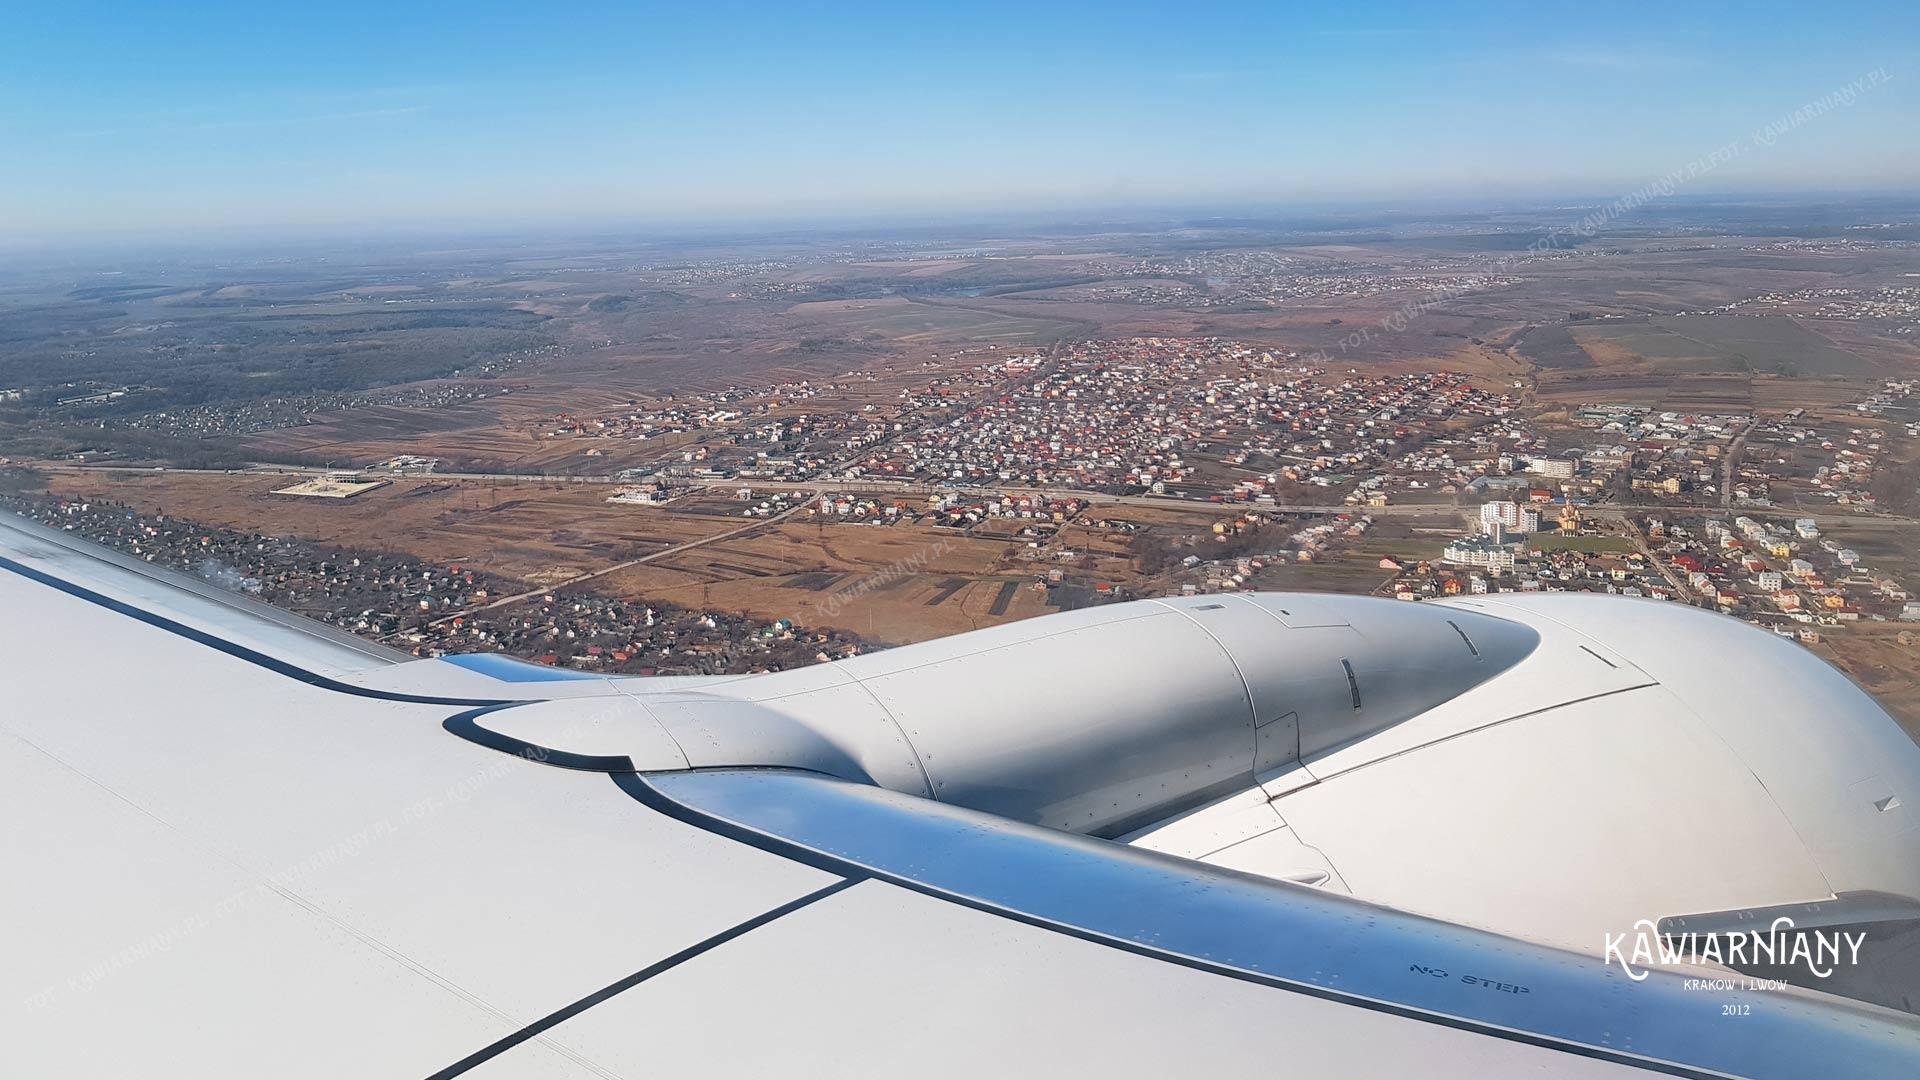 Lotnisko we Lwowie – czy we Lwowie jest lotnisko? Sklepy, dojazd do centrum i historia